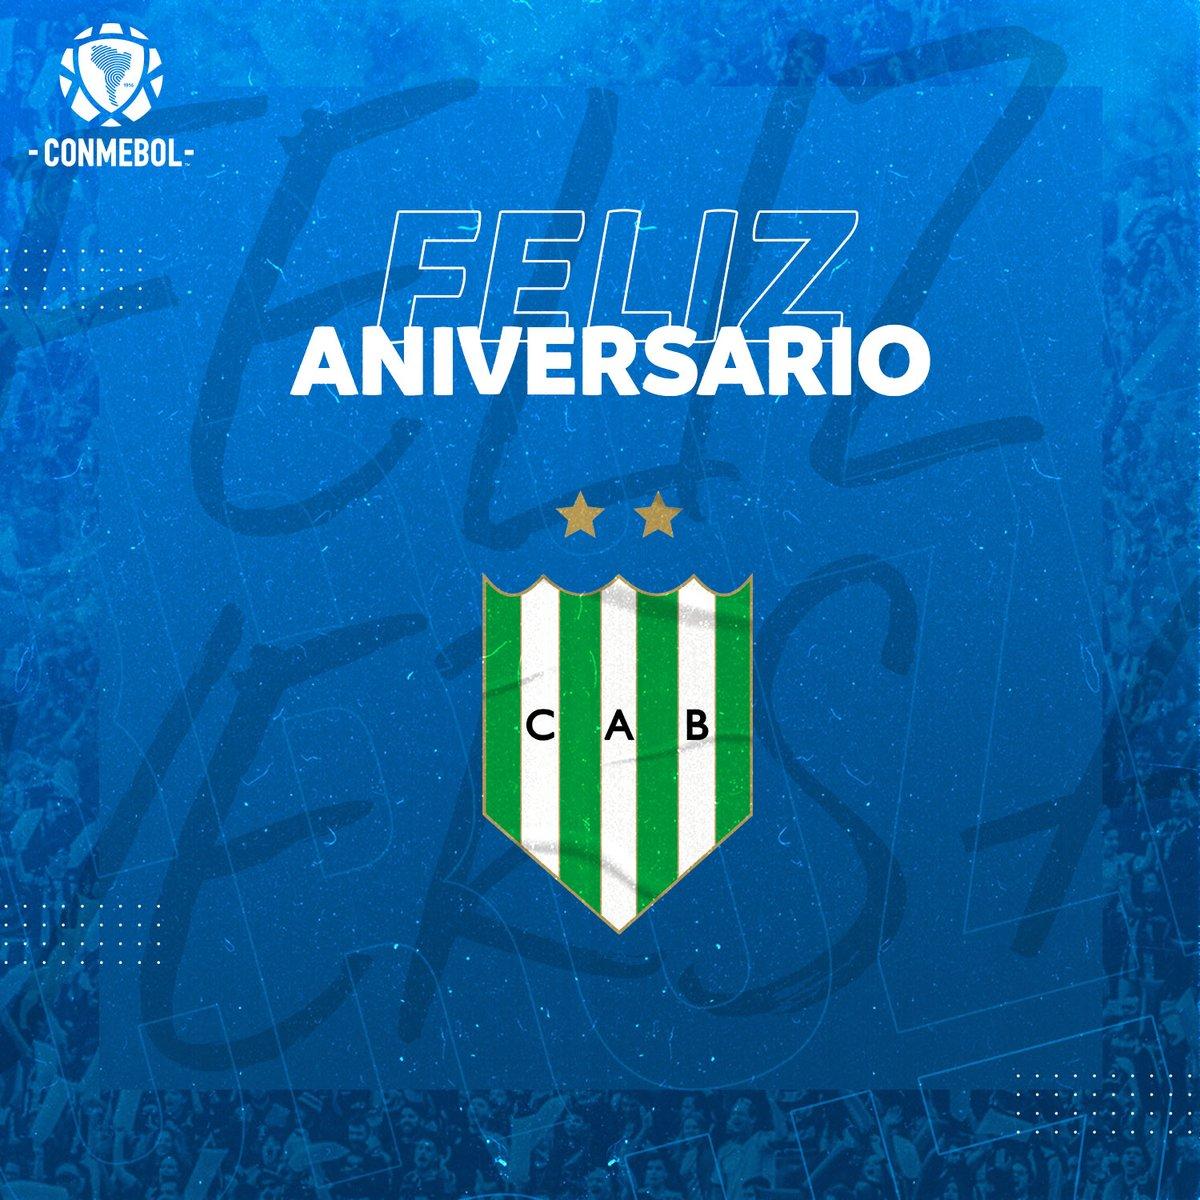 Hoy el @CAB_oficial celebra un año más de vida institucional⚽ 🇦🇷   ¡Felices 125 años! 💚🎂